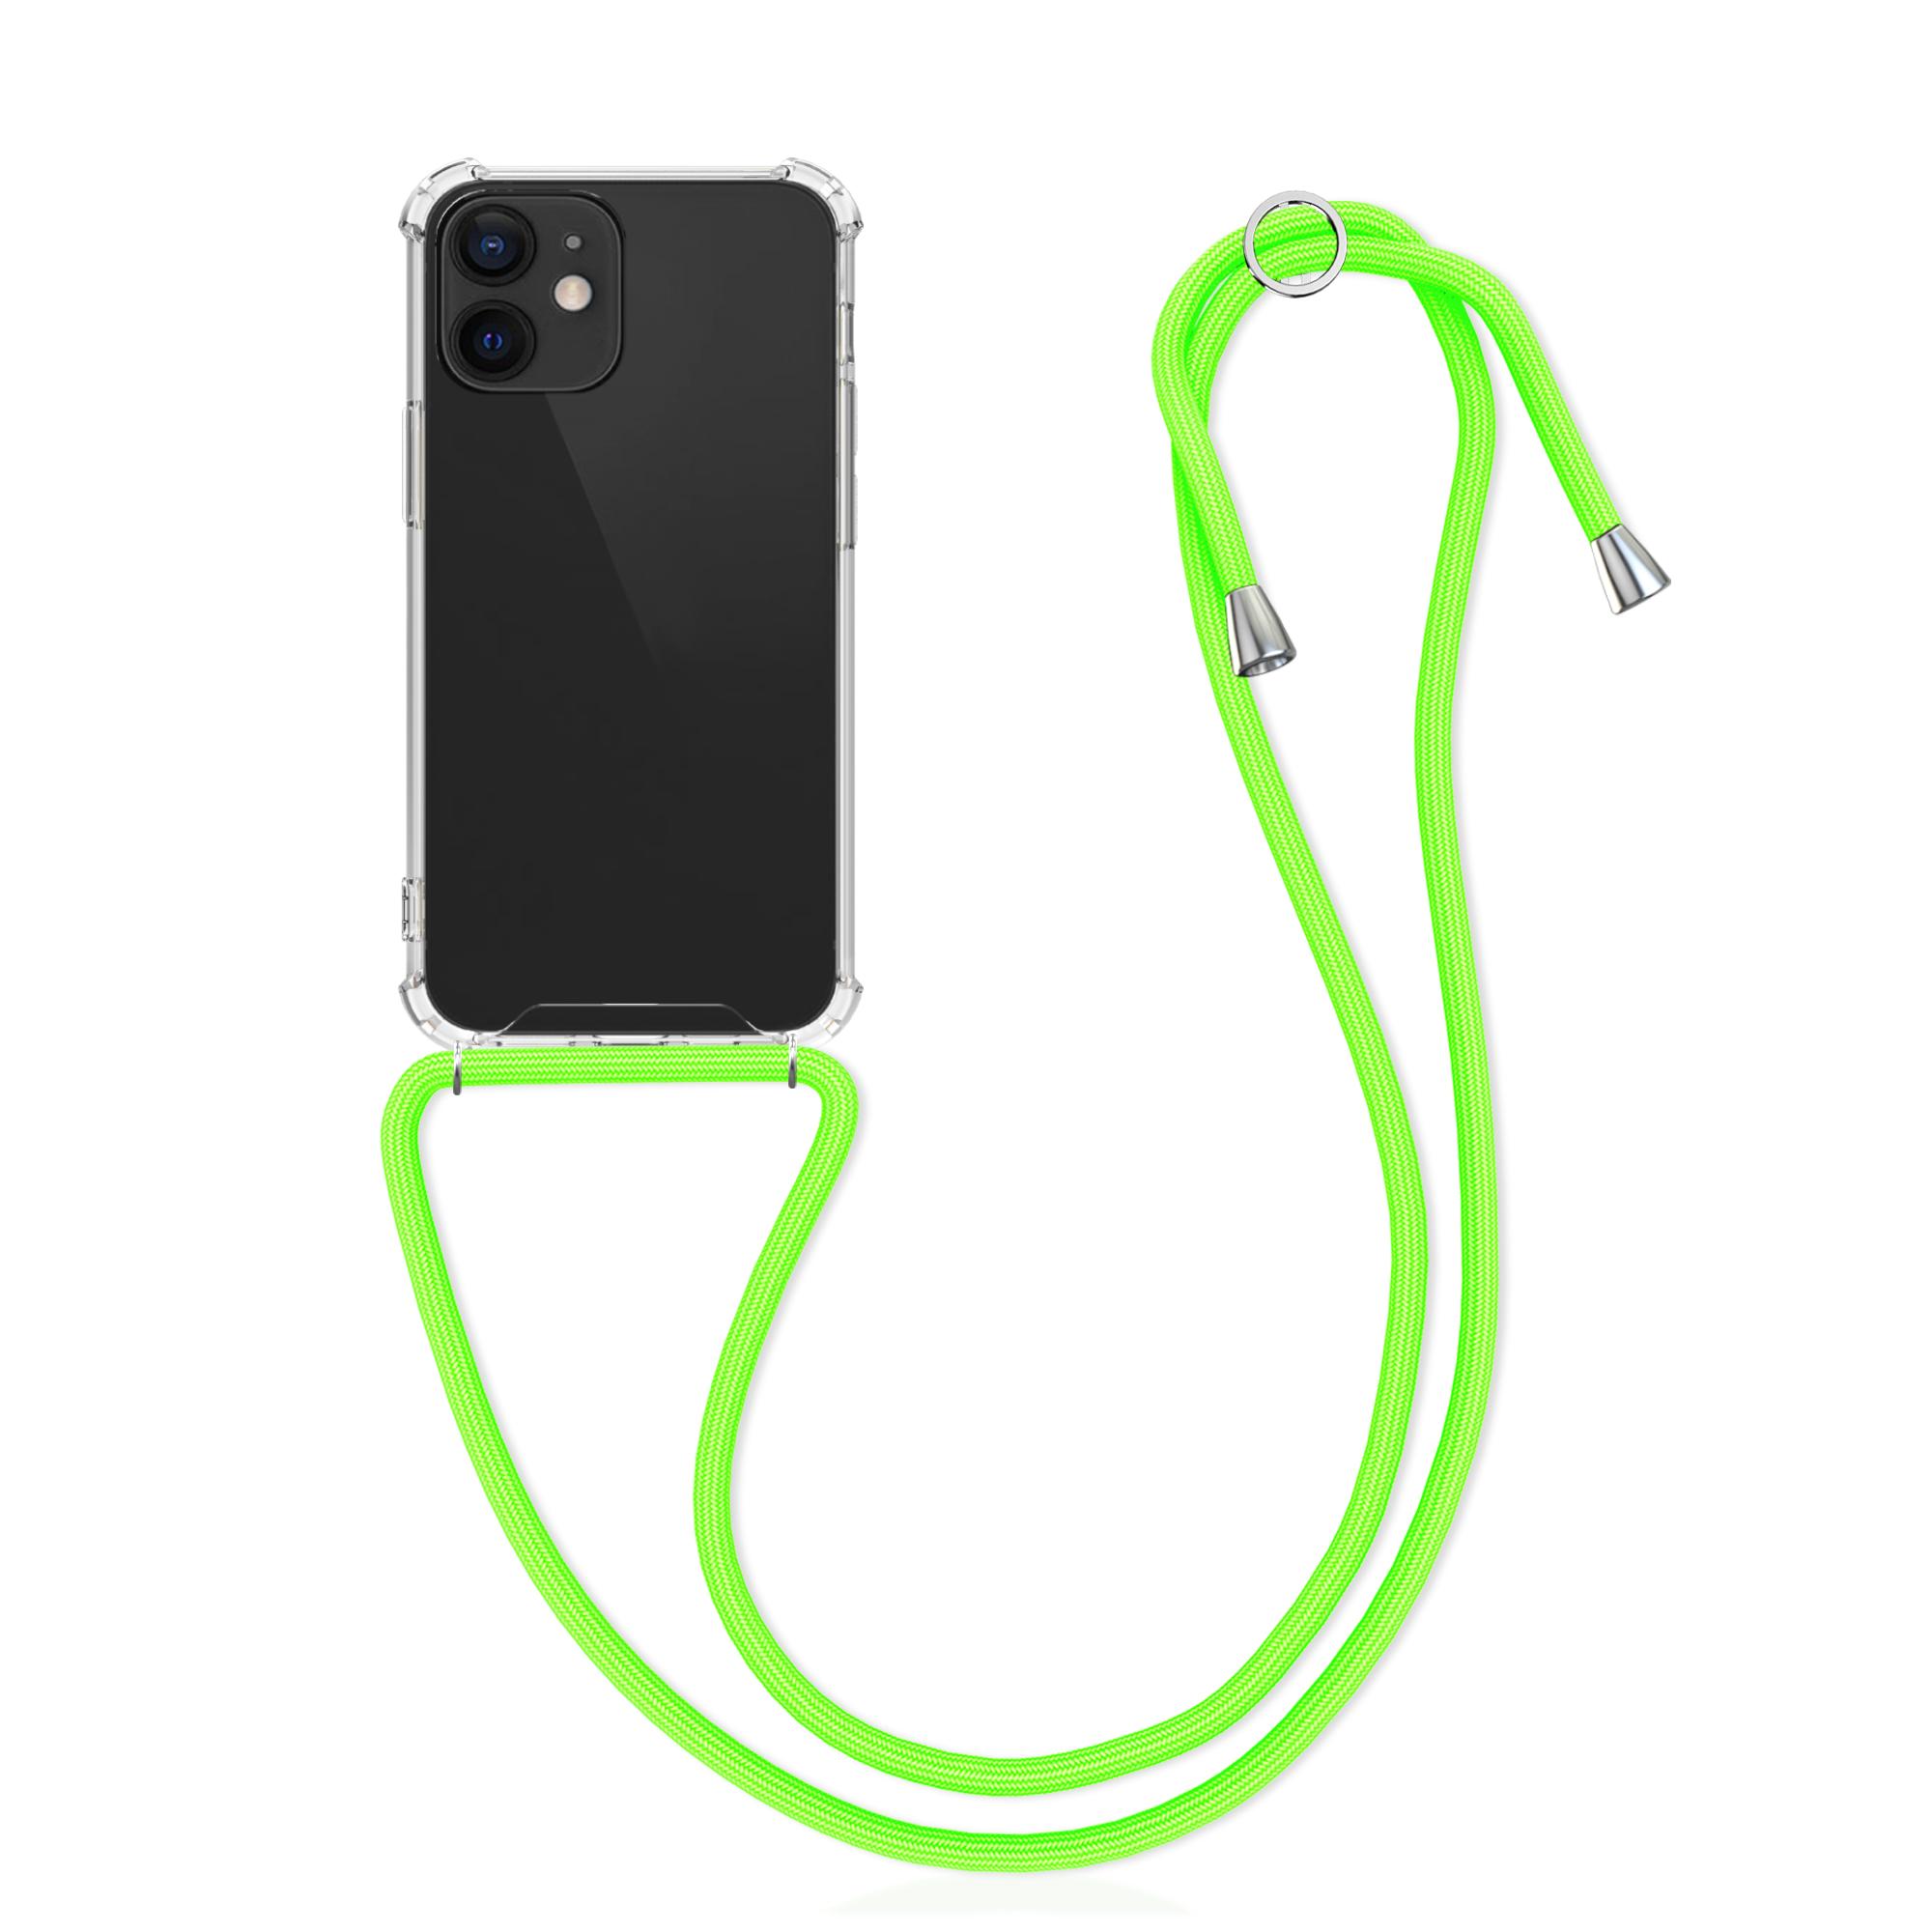 Kvalitní silikonové TPU pouzdro pro Apple iPhone 12 mini - Transparent | Neon Green